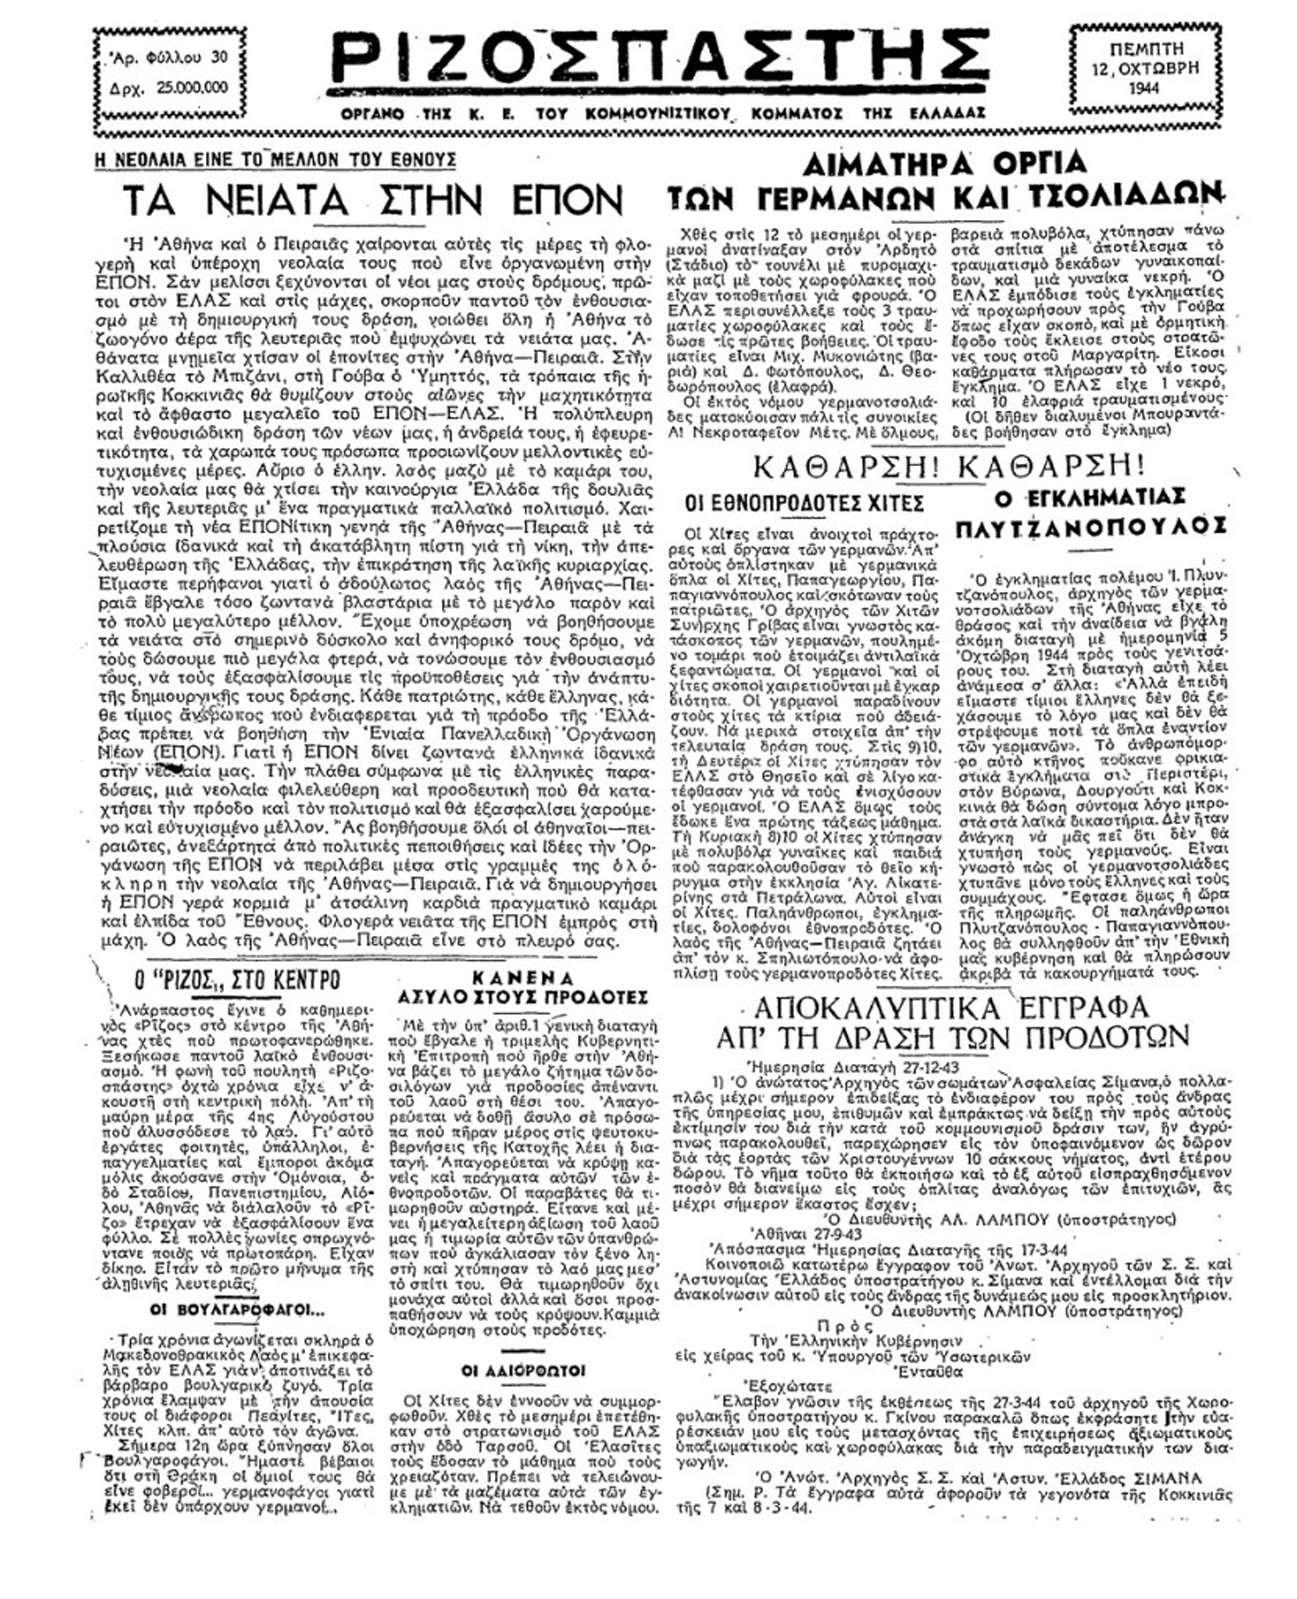 Απελευθέρωση Αθήνας Ριζοσπάστης 12 Οκτώβρη1944